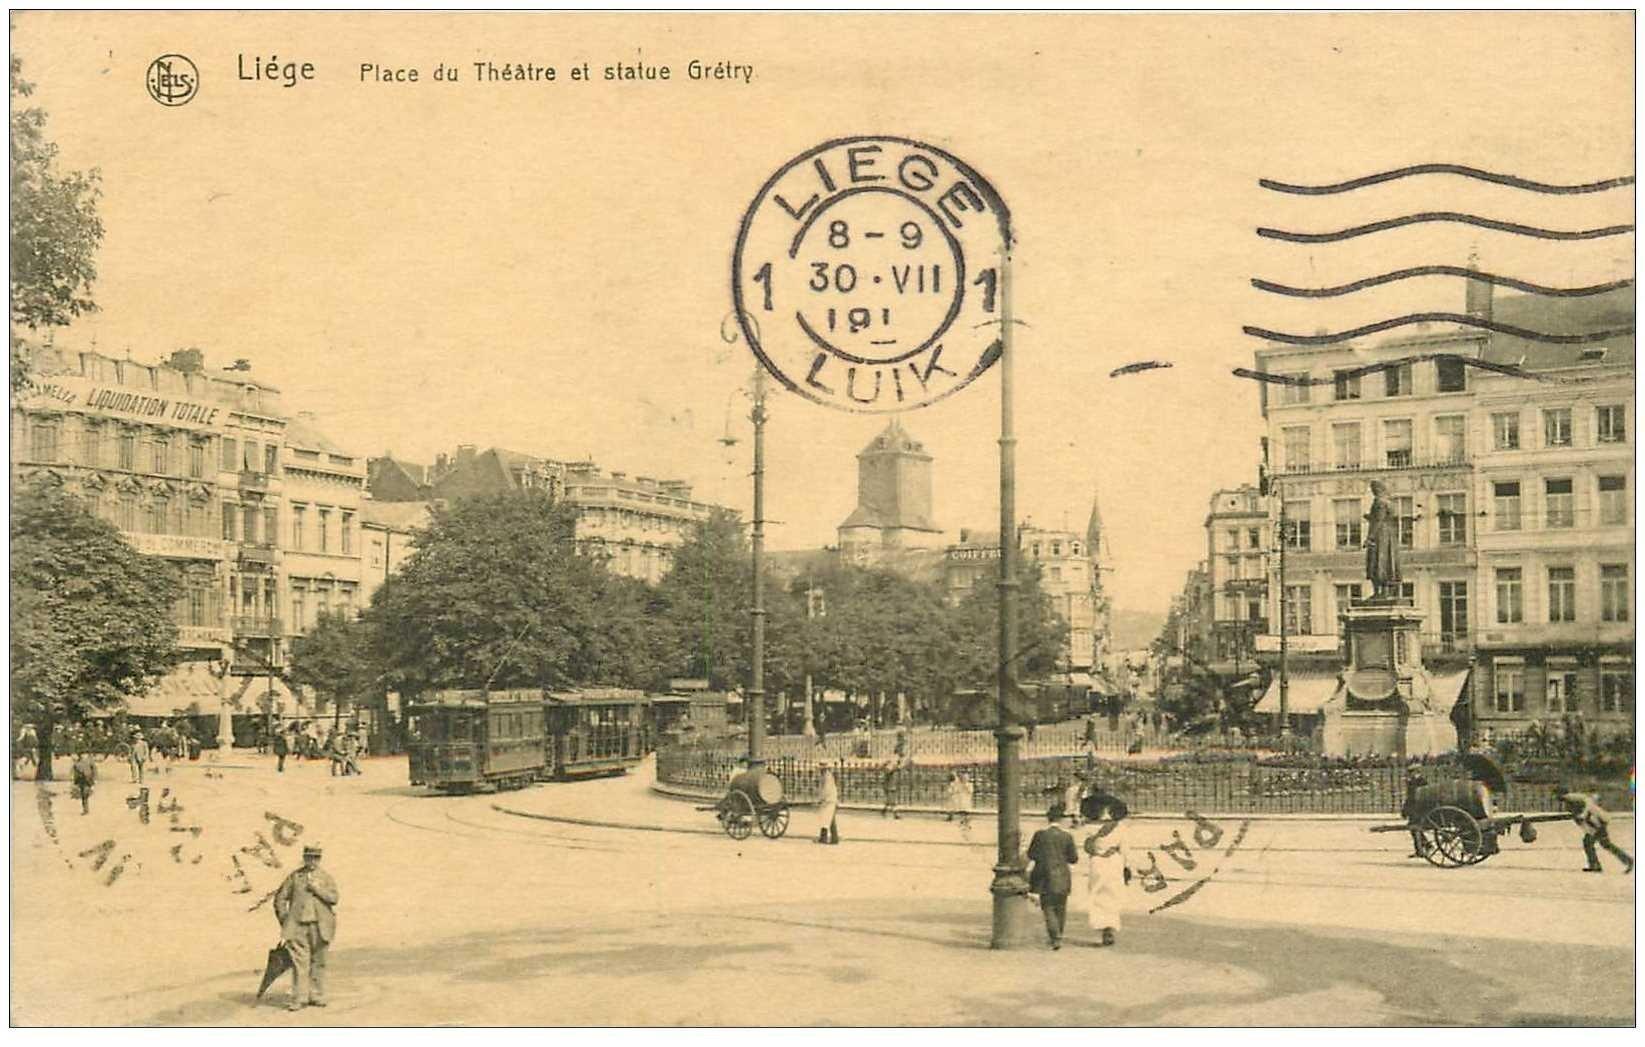 carte postale ancienne LIEGE. Place du Thétre Statue Grétry 1919 Tramway